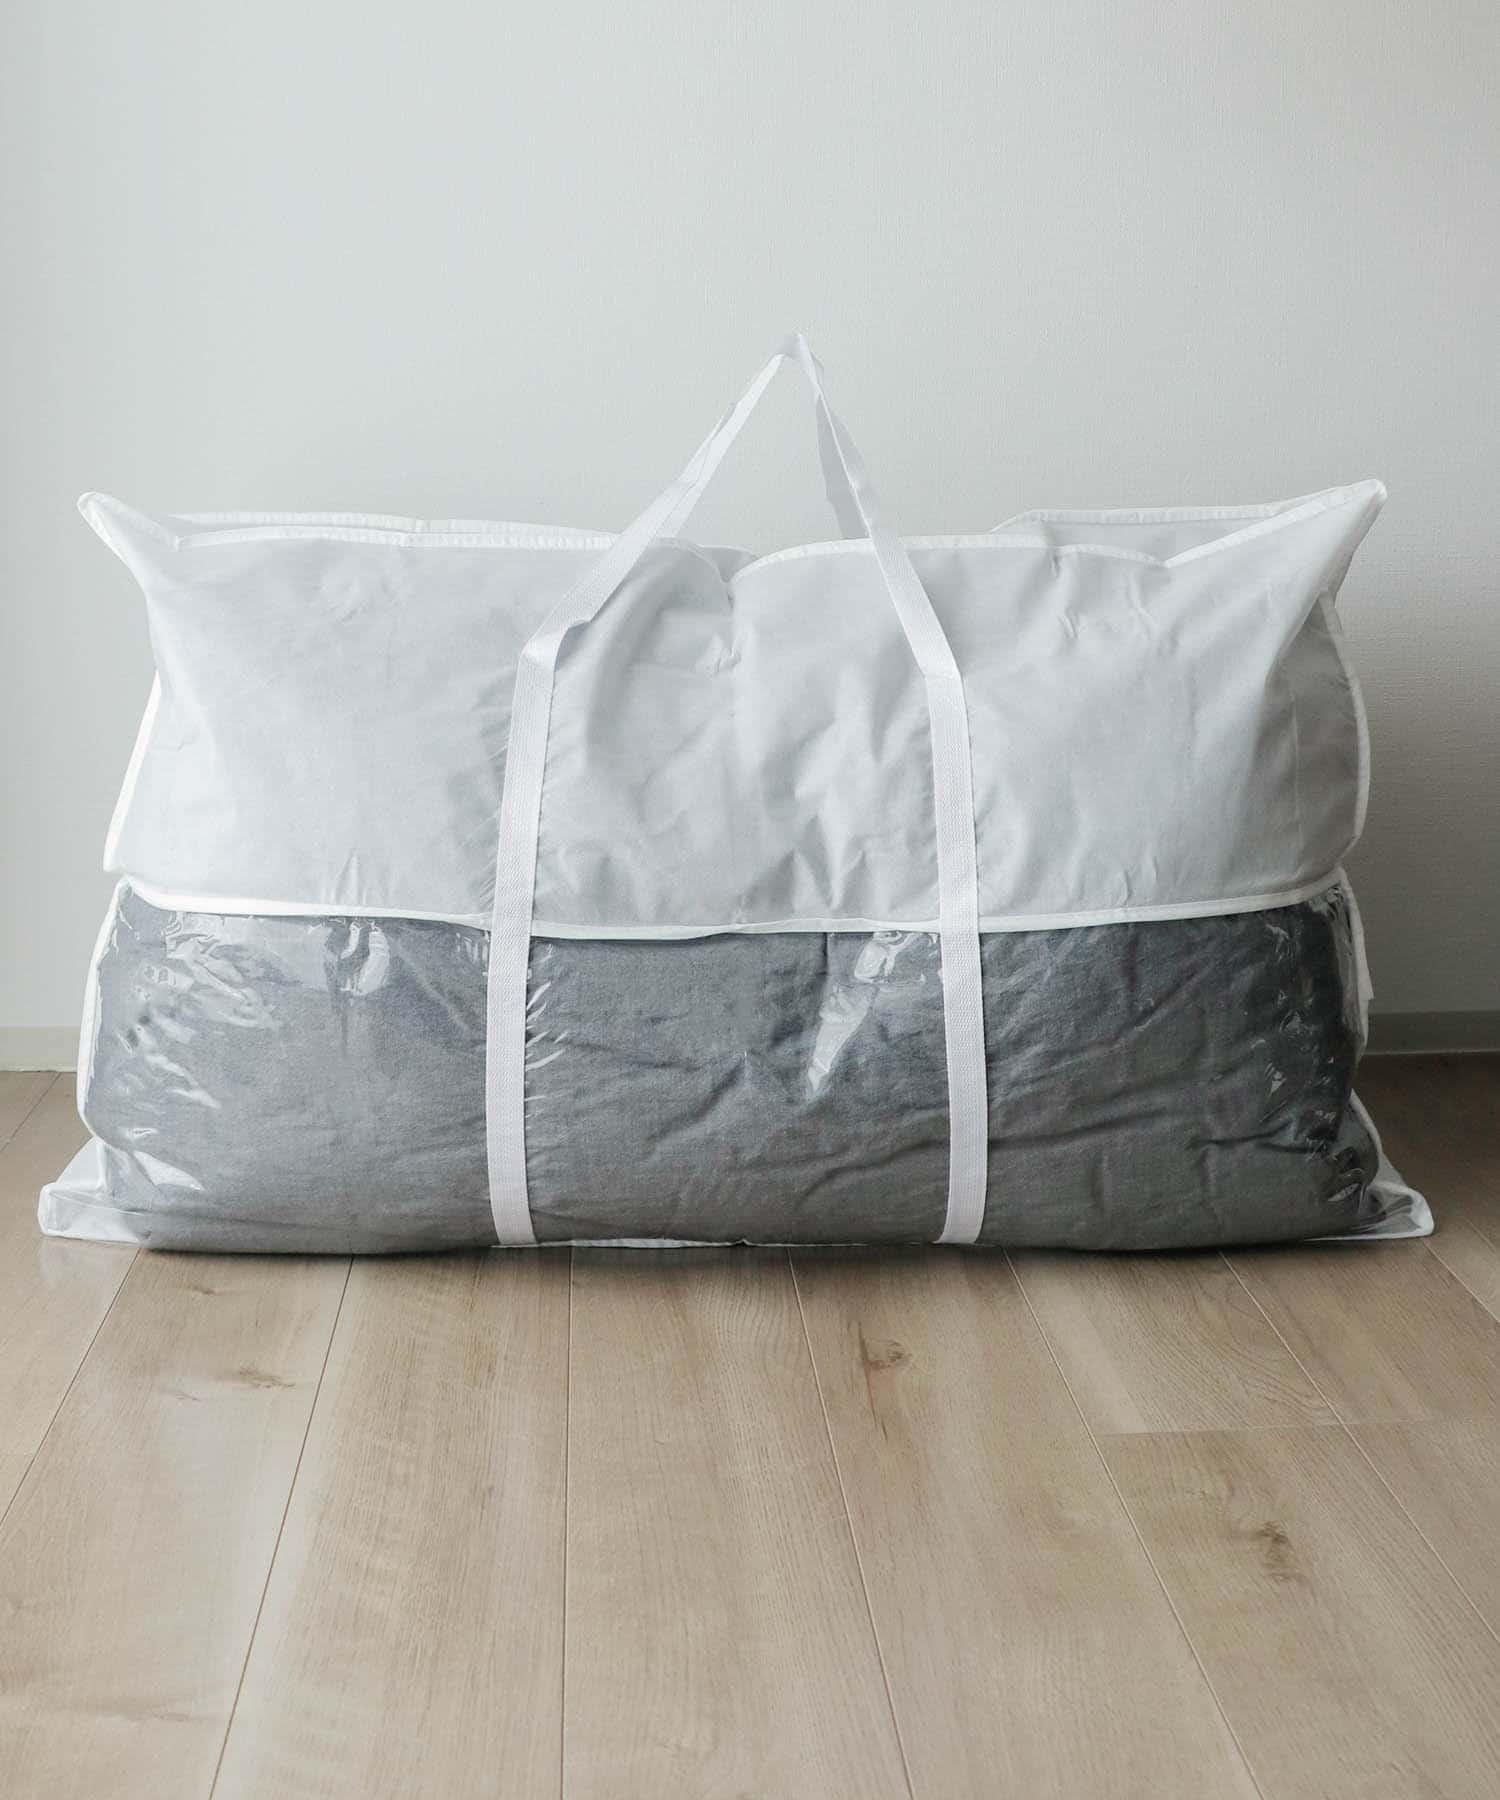 3COINS(スリーコインズ) 3COINS(スリーコインズ) 不織布布団収納バッグ【Lサイズ】 ホワイト